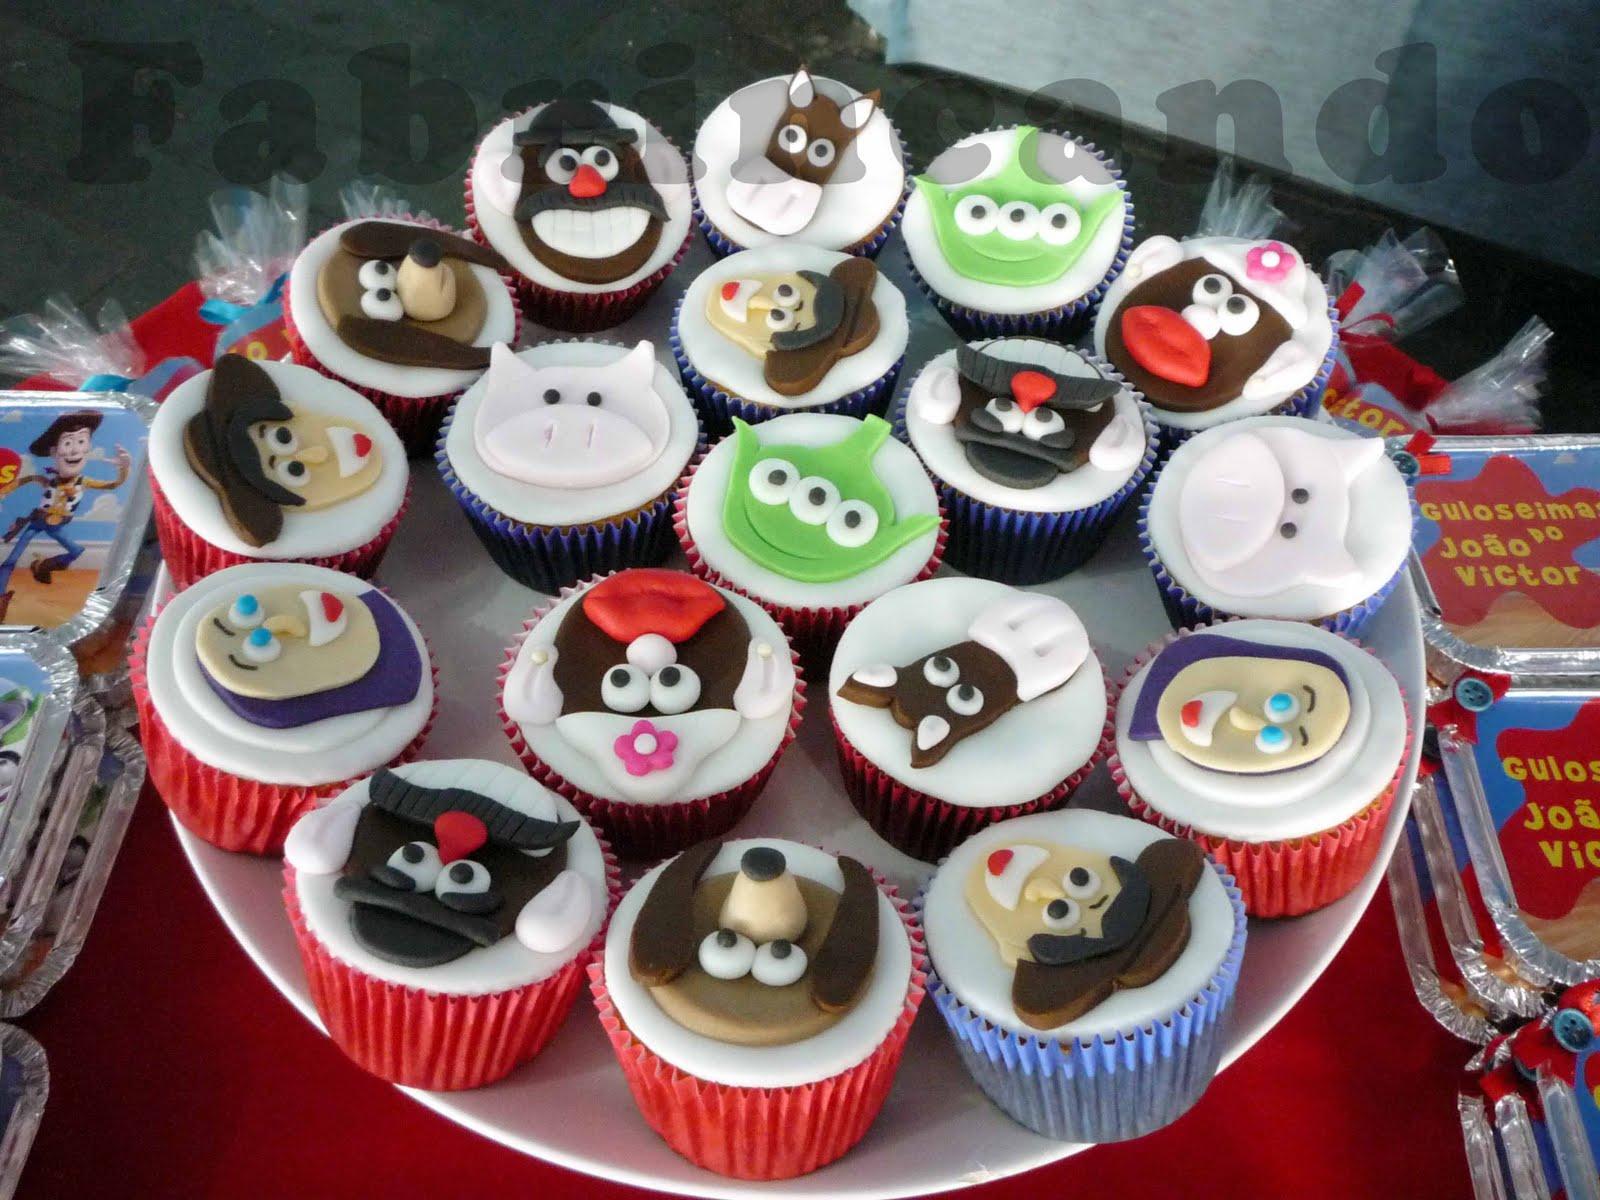 http://3.bp.blogspot.com/_yPtBCHhtbAc/TNvtCBlx_pI/AAAAAAAACHo/UCW_3tvF-WI/s1600/Festa_Toy_Story_Cupcake.jpg